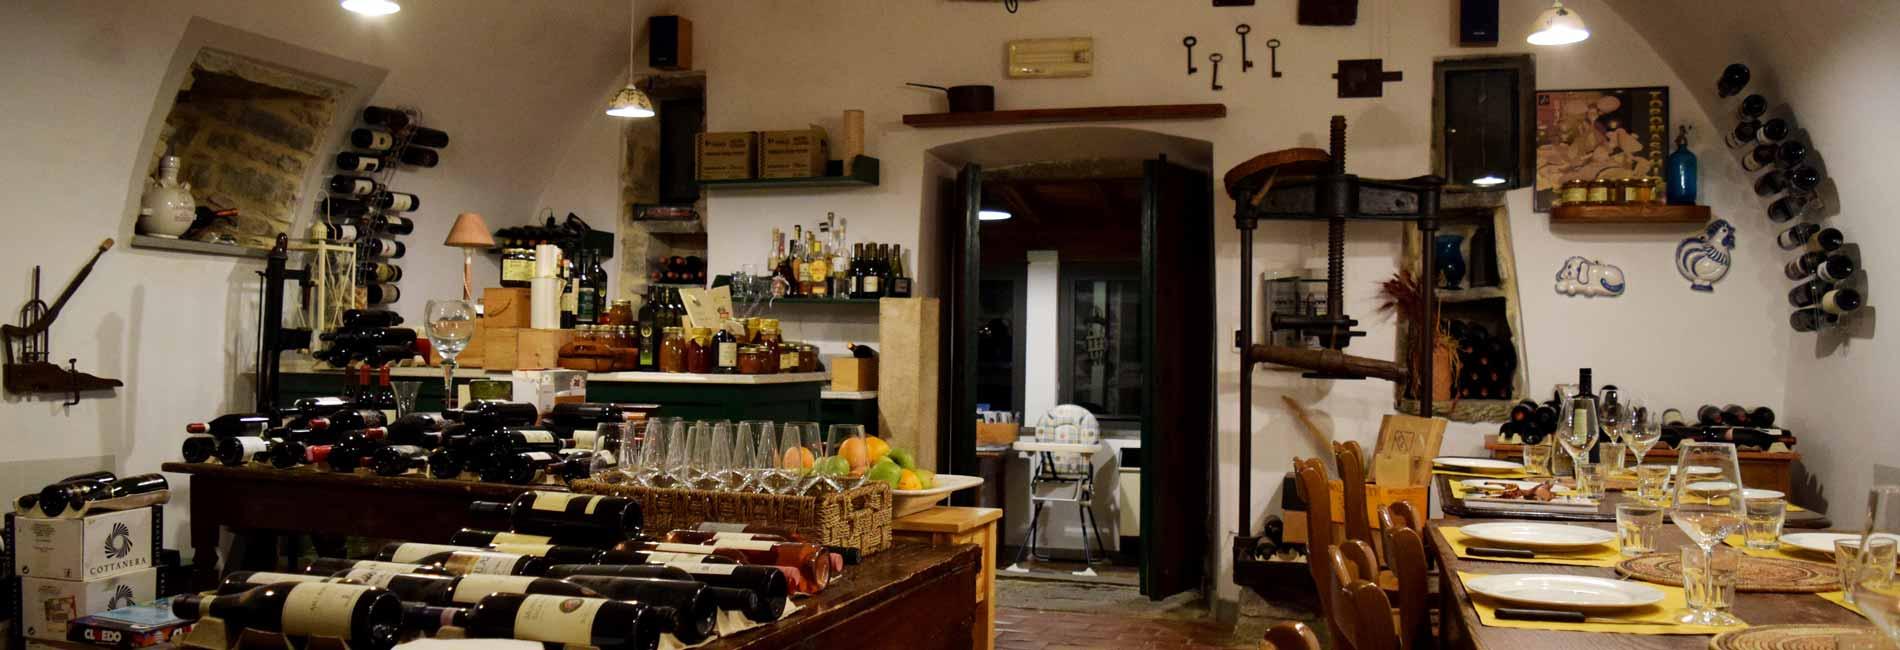 Foto dell'interno del ristorante dell' agriturismo